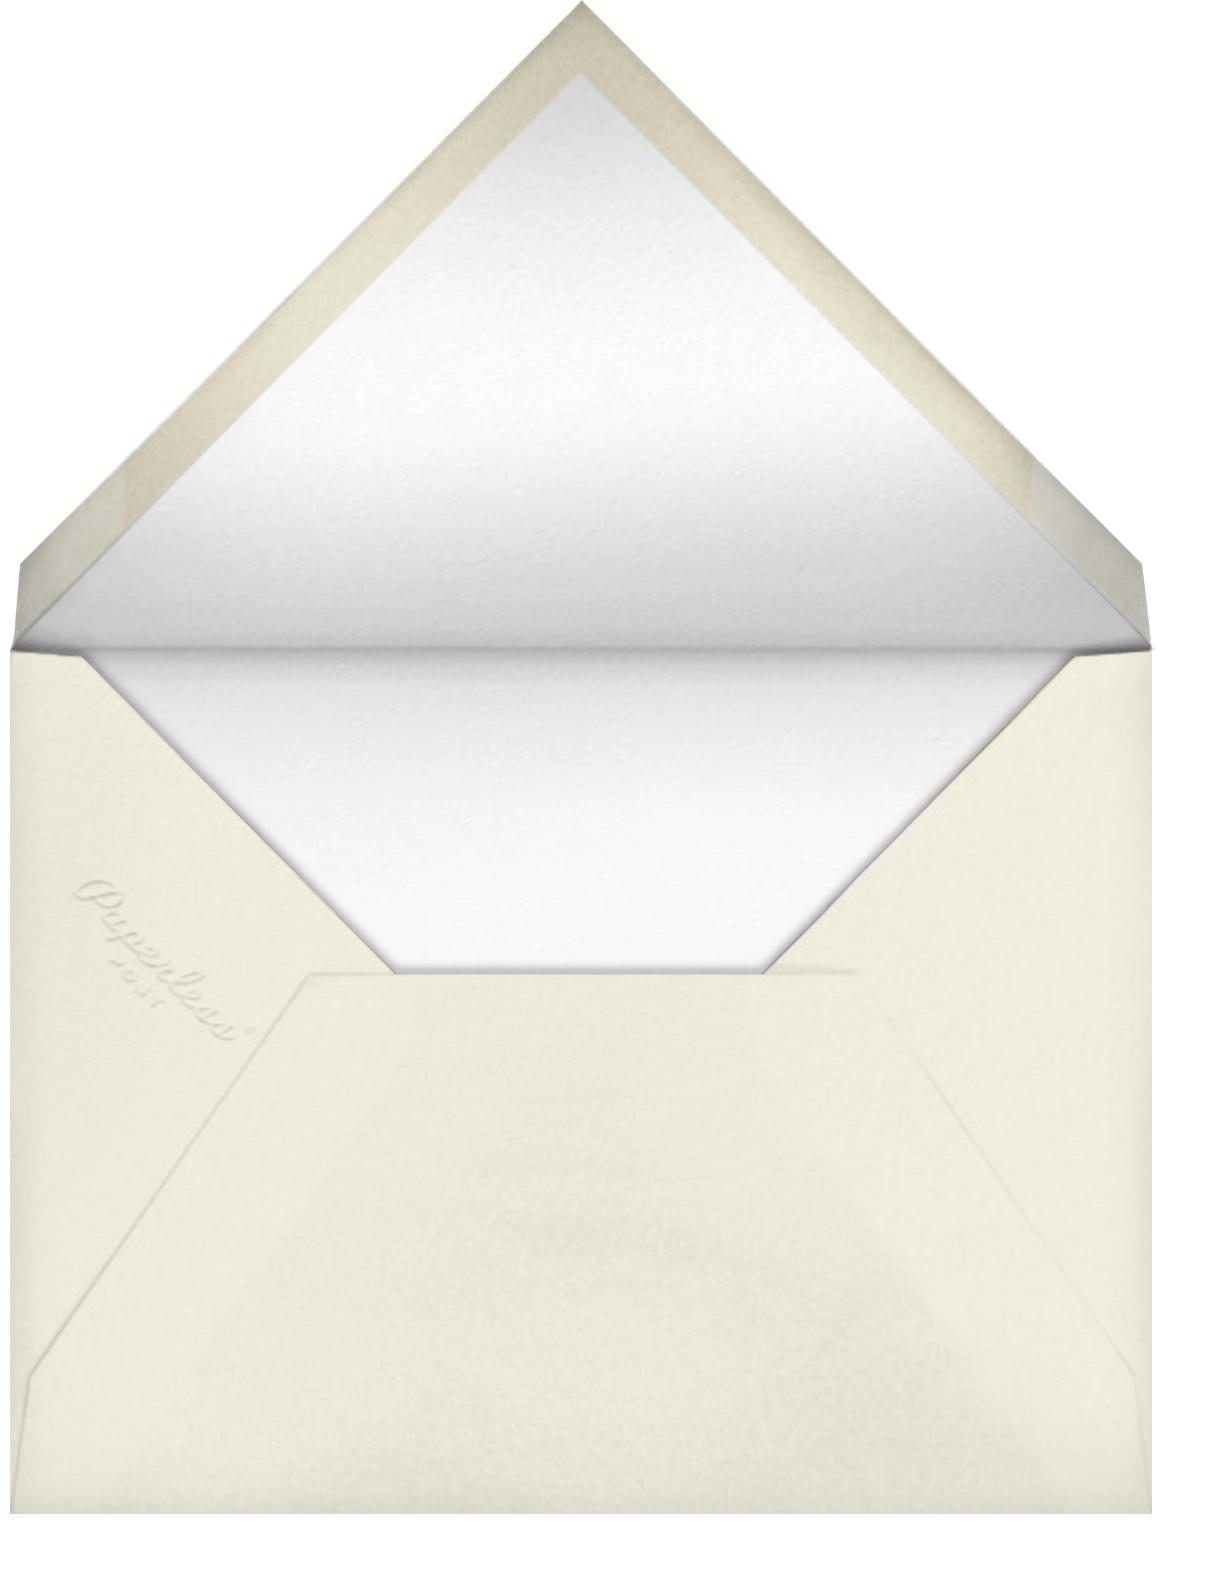 Love Knot - Bernard Maisner - null - envelope back